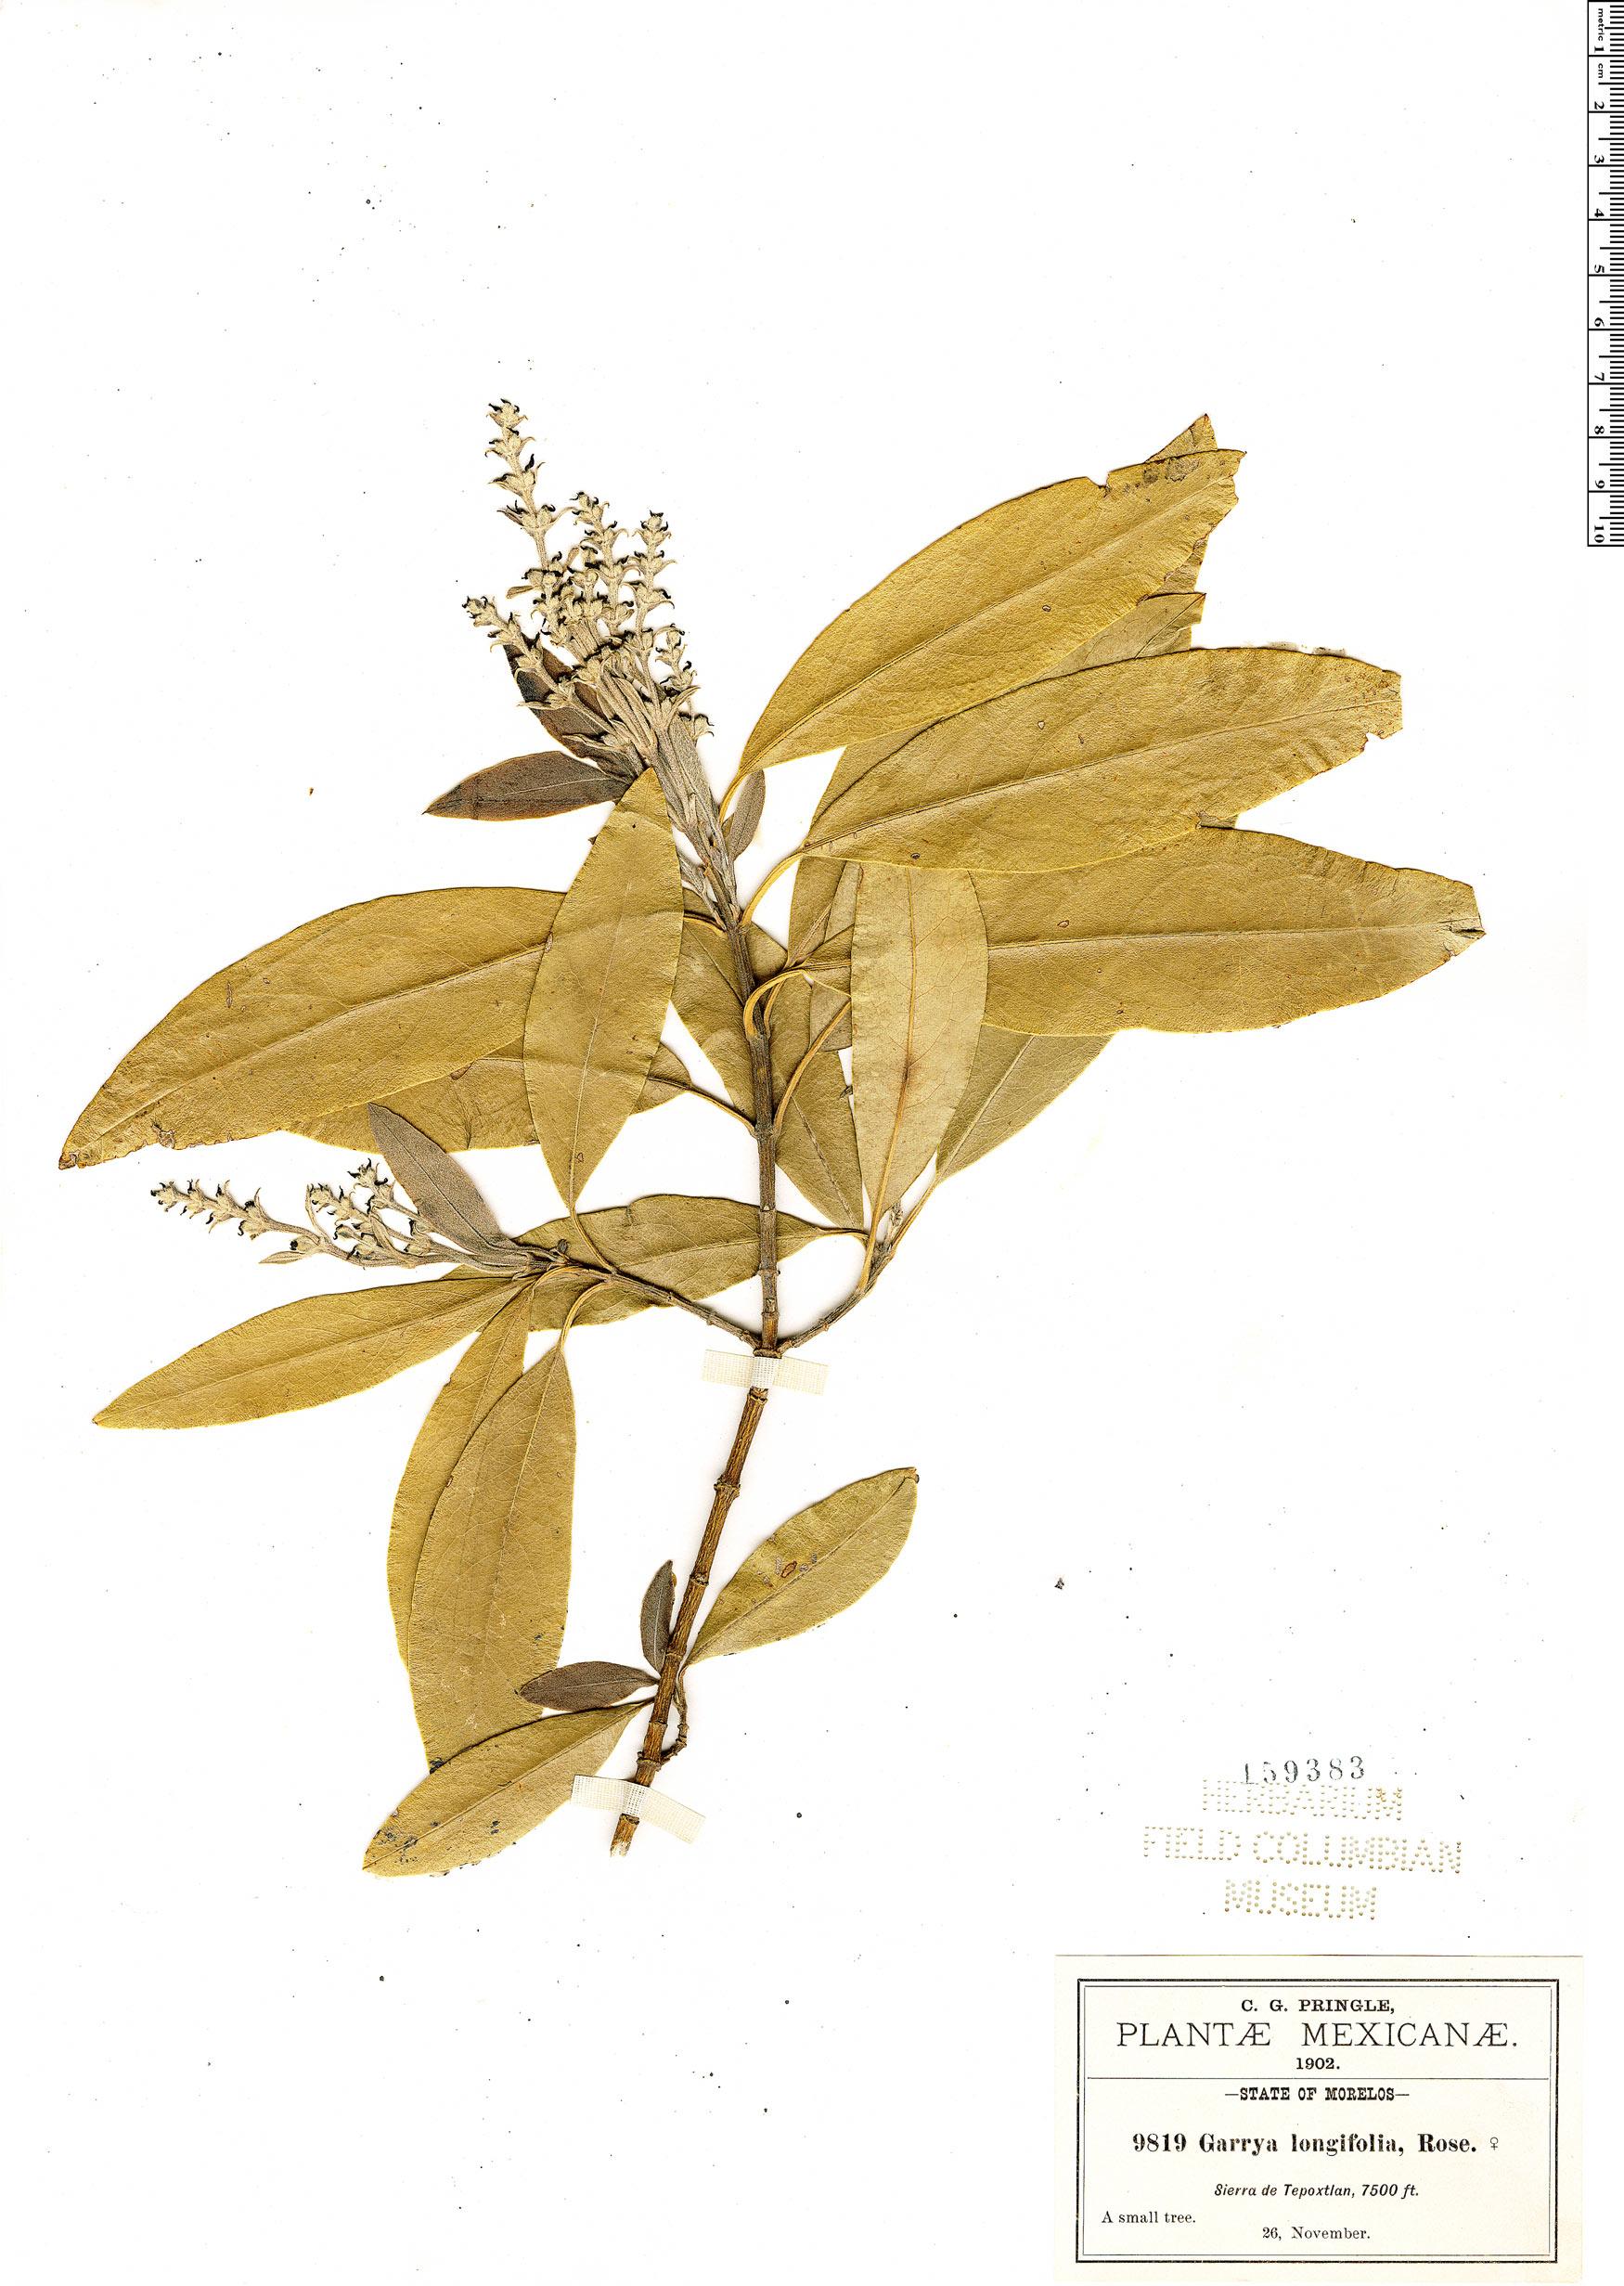 Specimen: Garrya longifolia